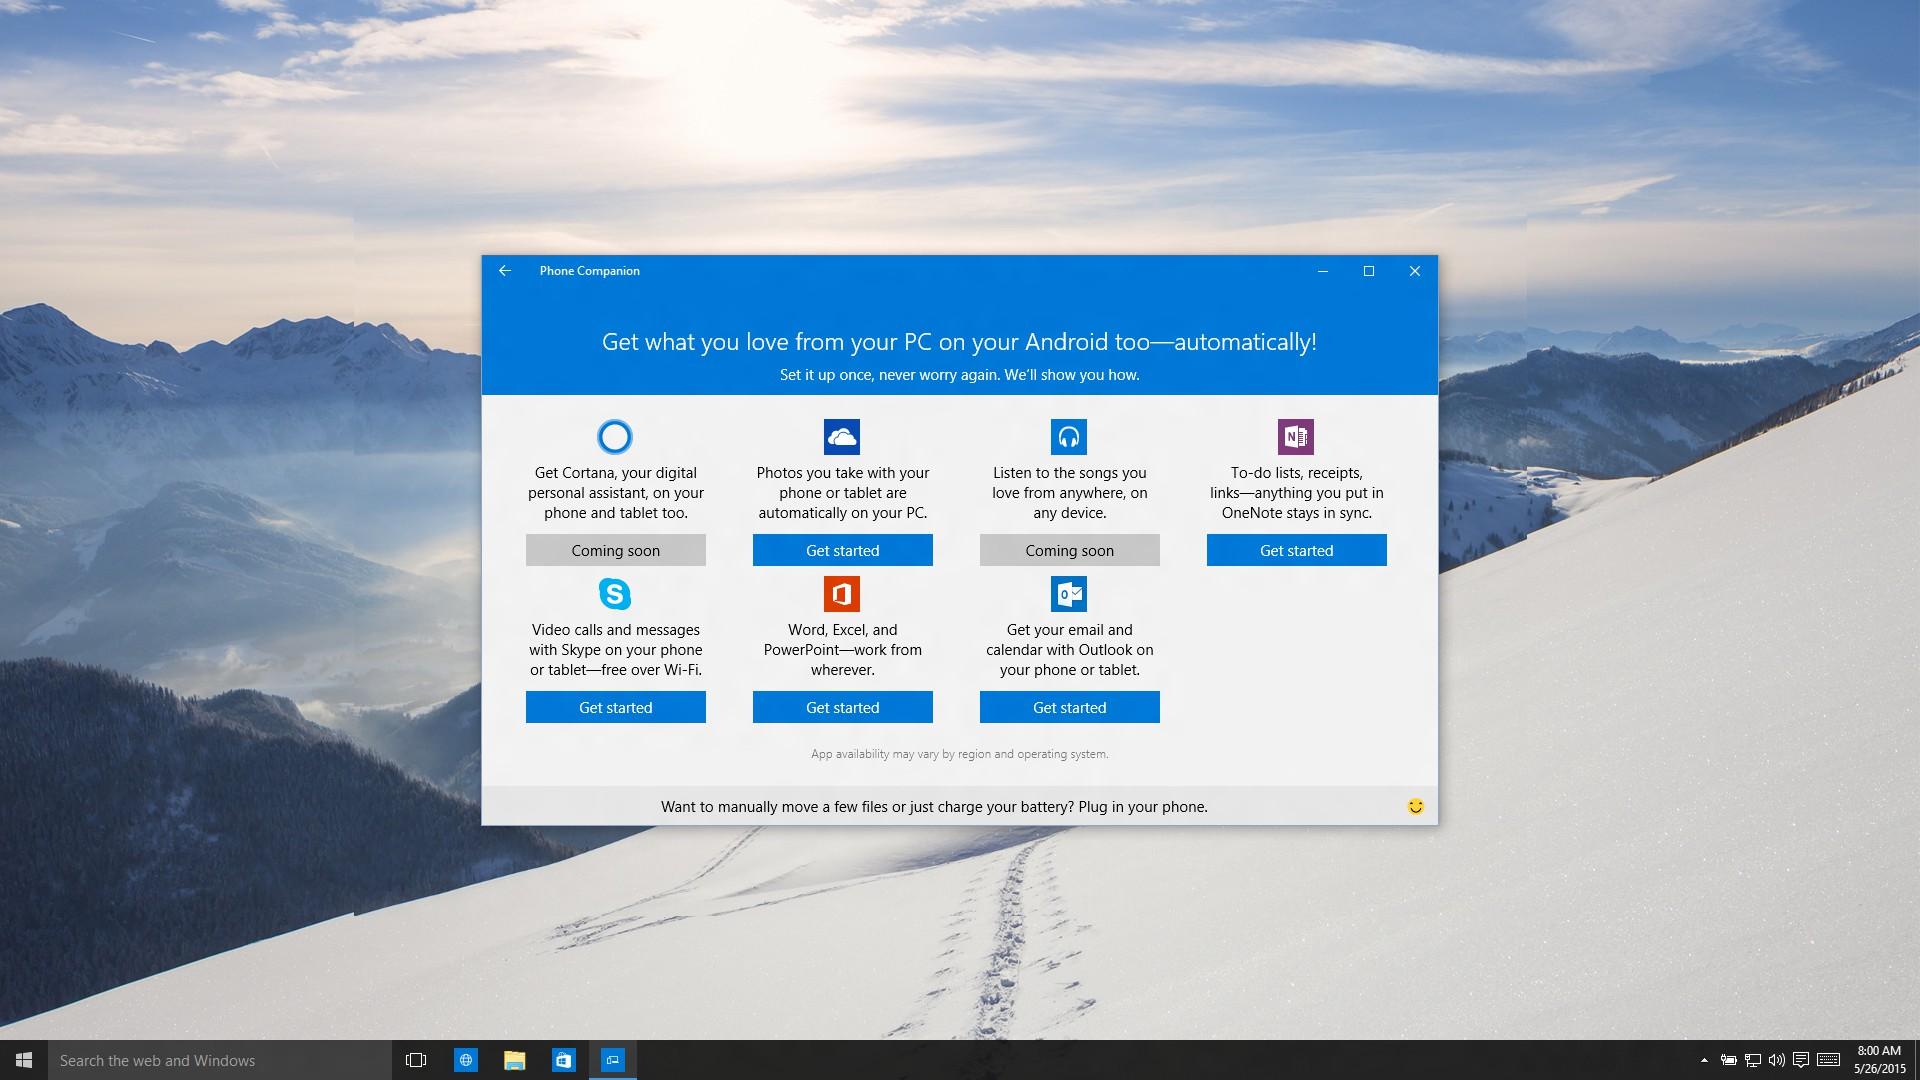 Come collegare i dispositivi Android a Windows 10 passo dopo passo 2